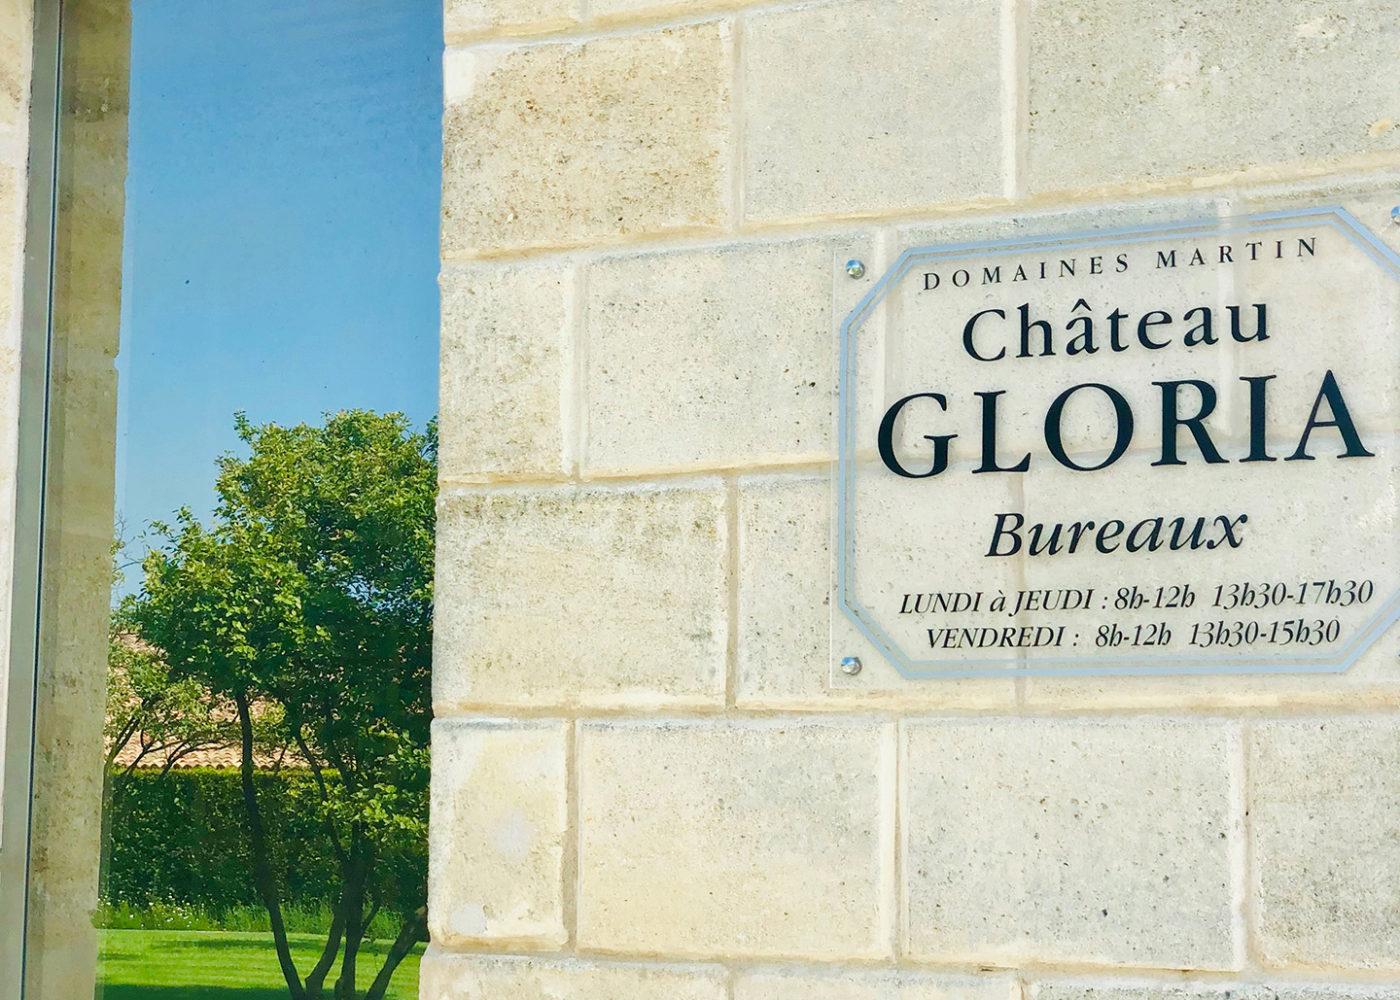 Bureaux Domaines Martin Château Gloria